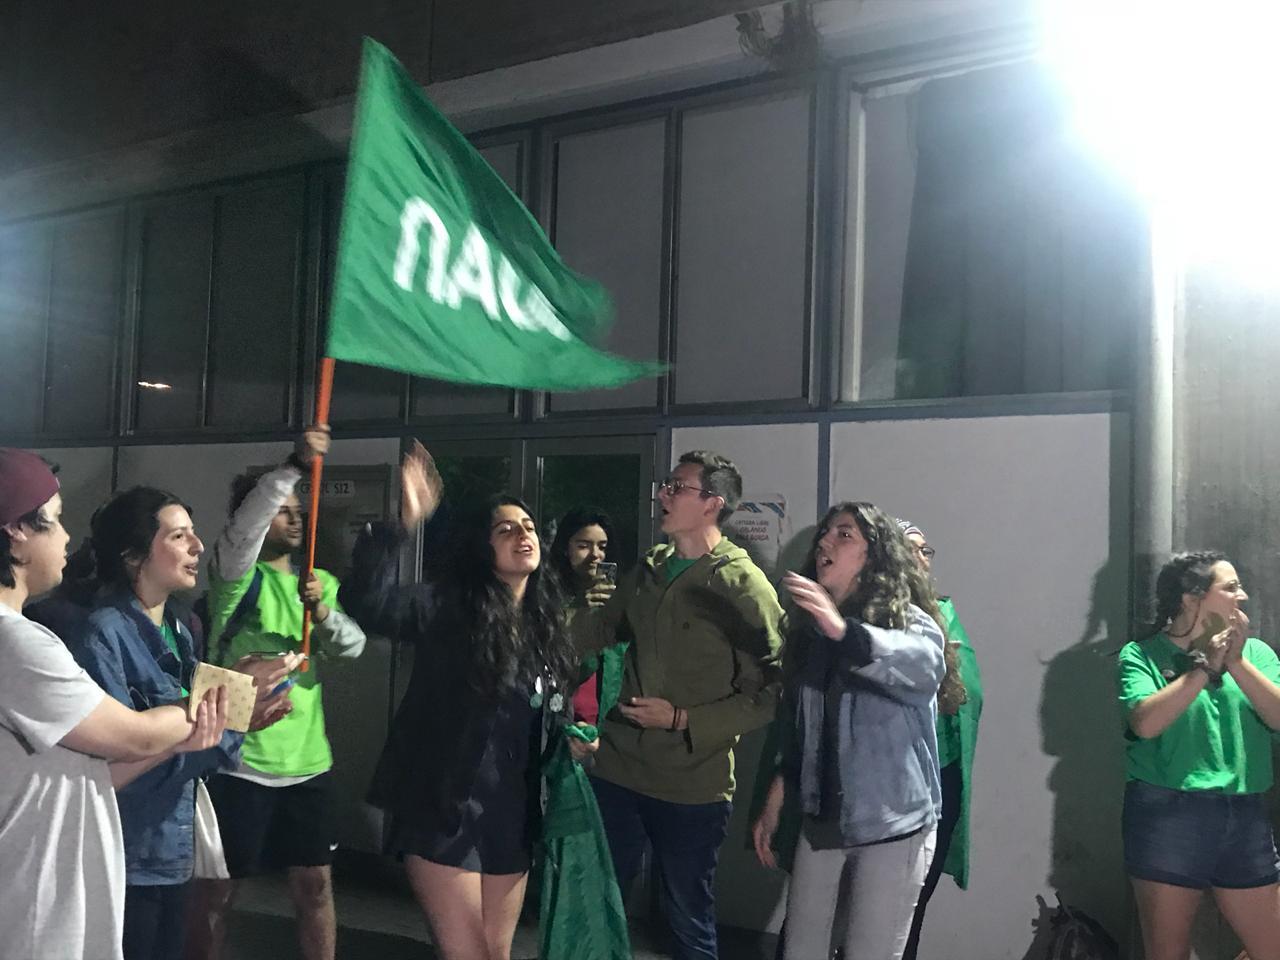 Nueva FEUC y Consejería Superior: Revive la jornada de elecciones en imágenes